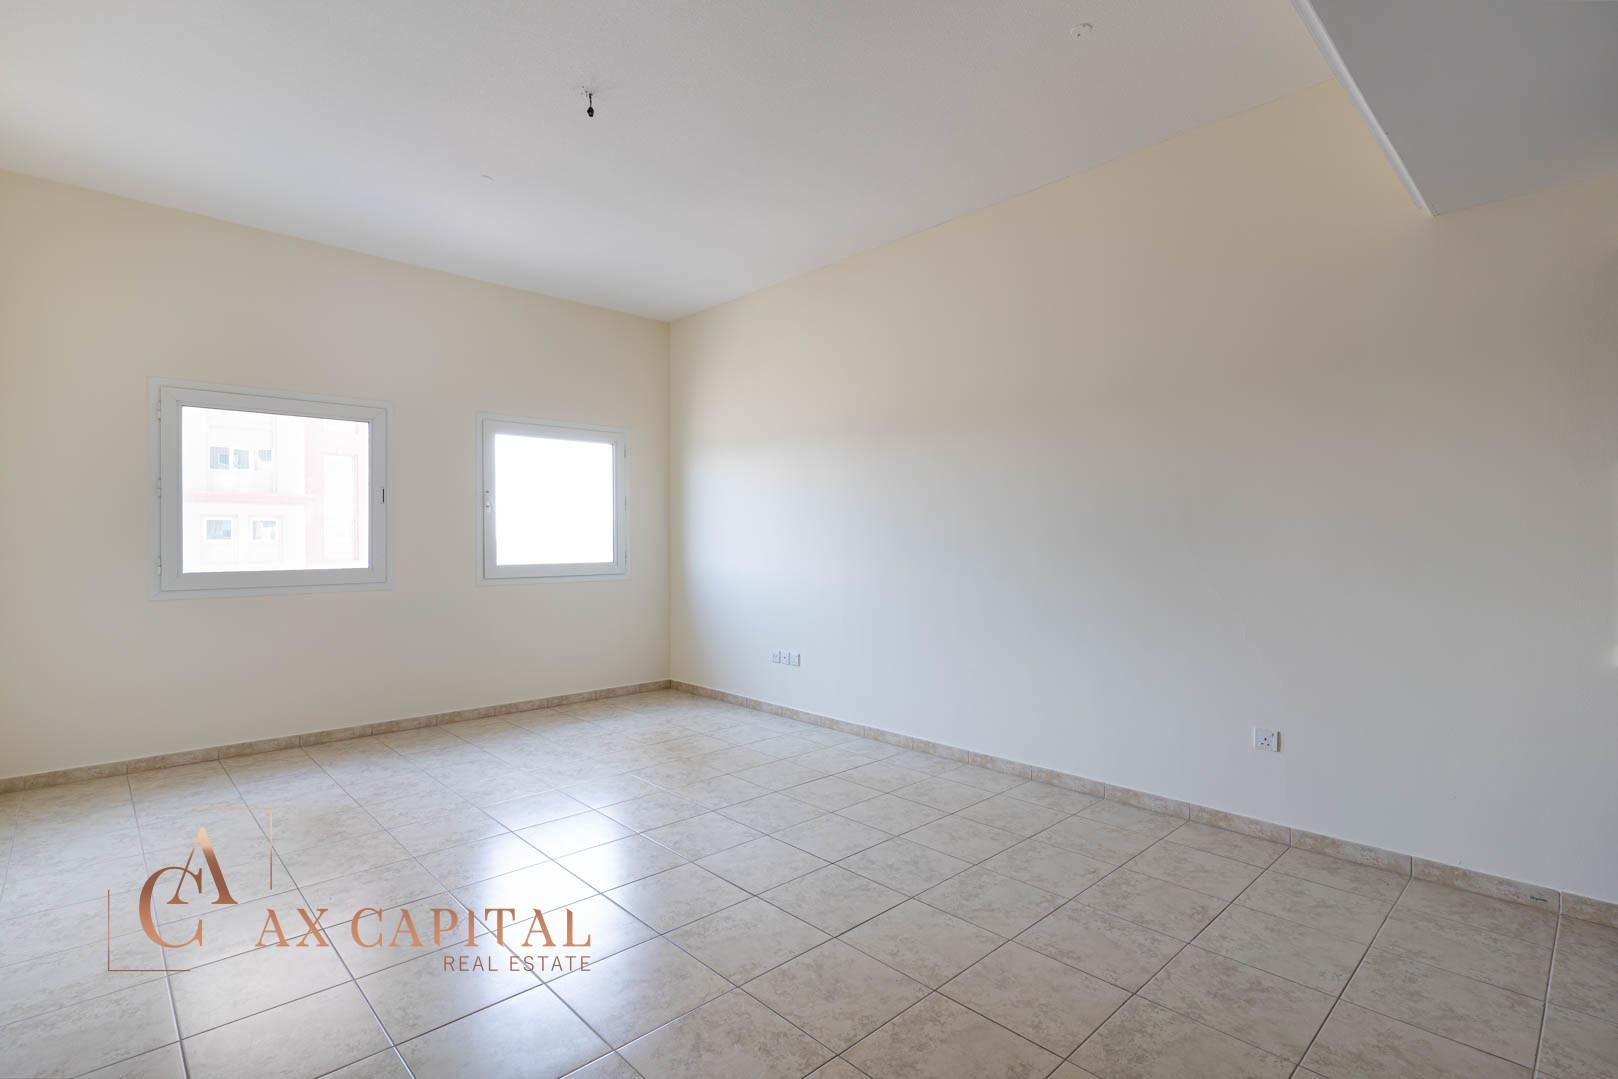 Купить квартиру в оаэ можно сколько лететь из казани в дубай